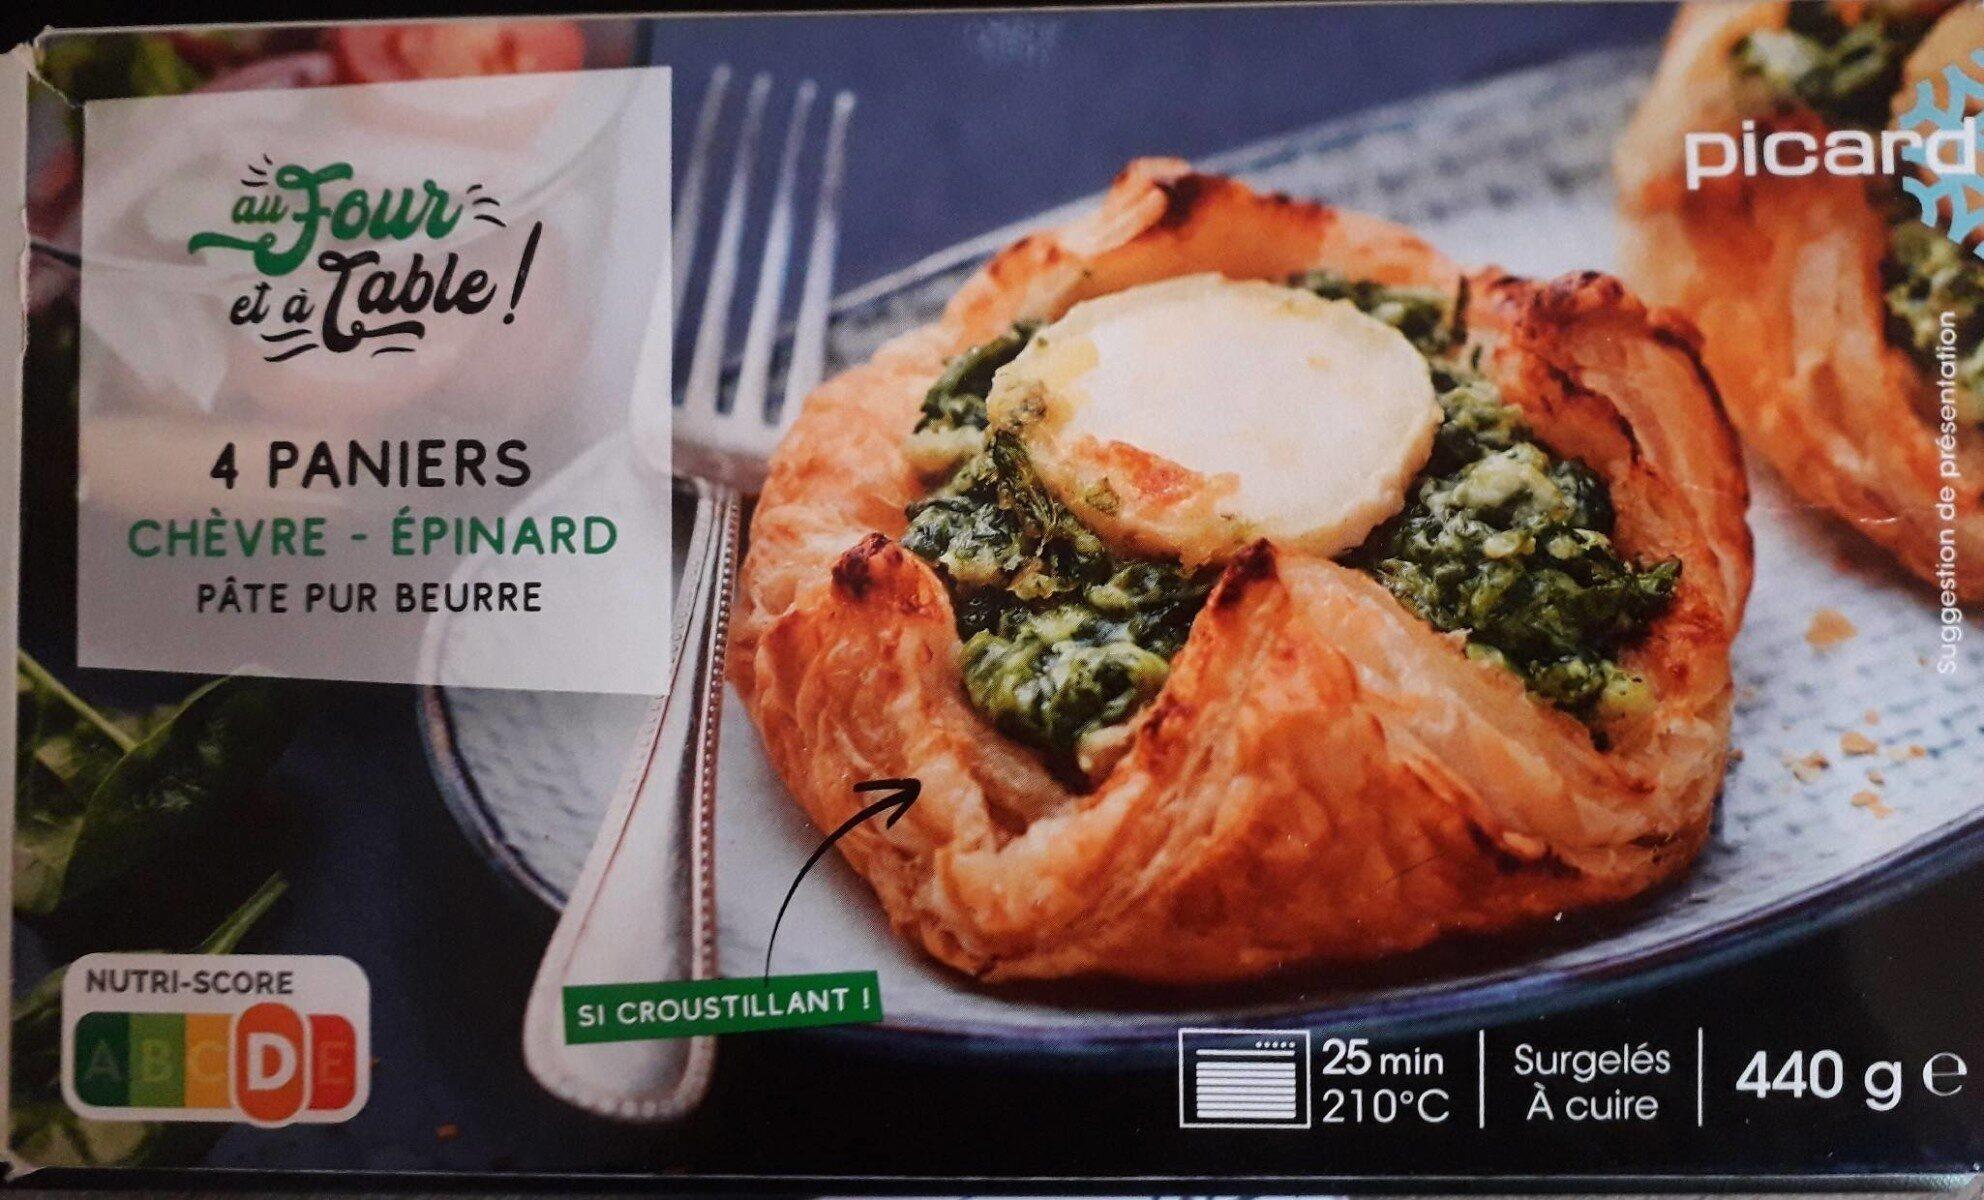 4 paniers chèvre épinard - Produit - fr